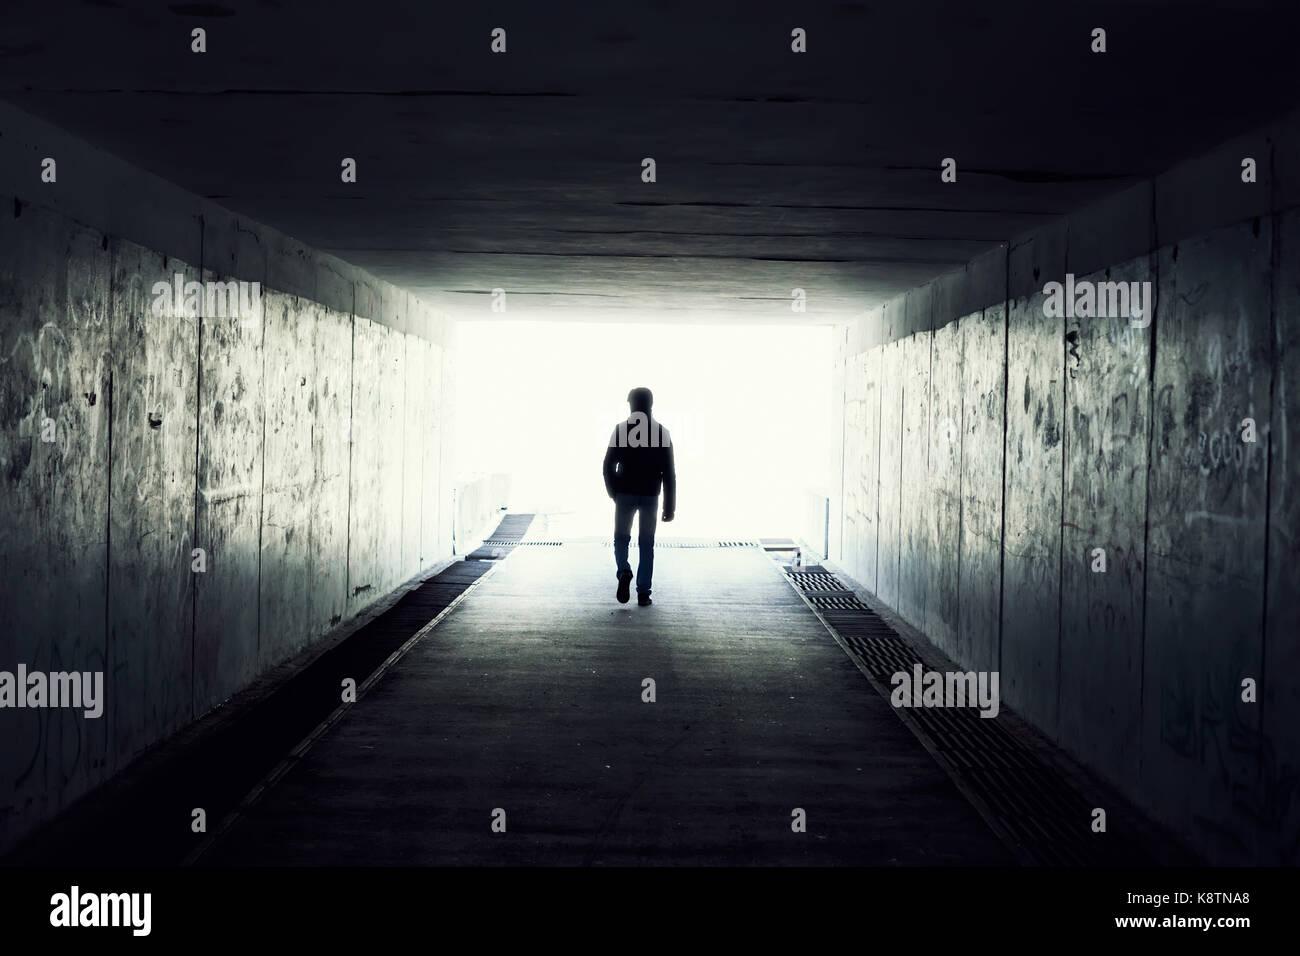 Silueta en un túnel de metro. La luz al final del túnel Imagen De Stock